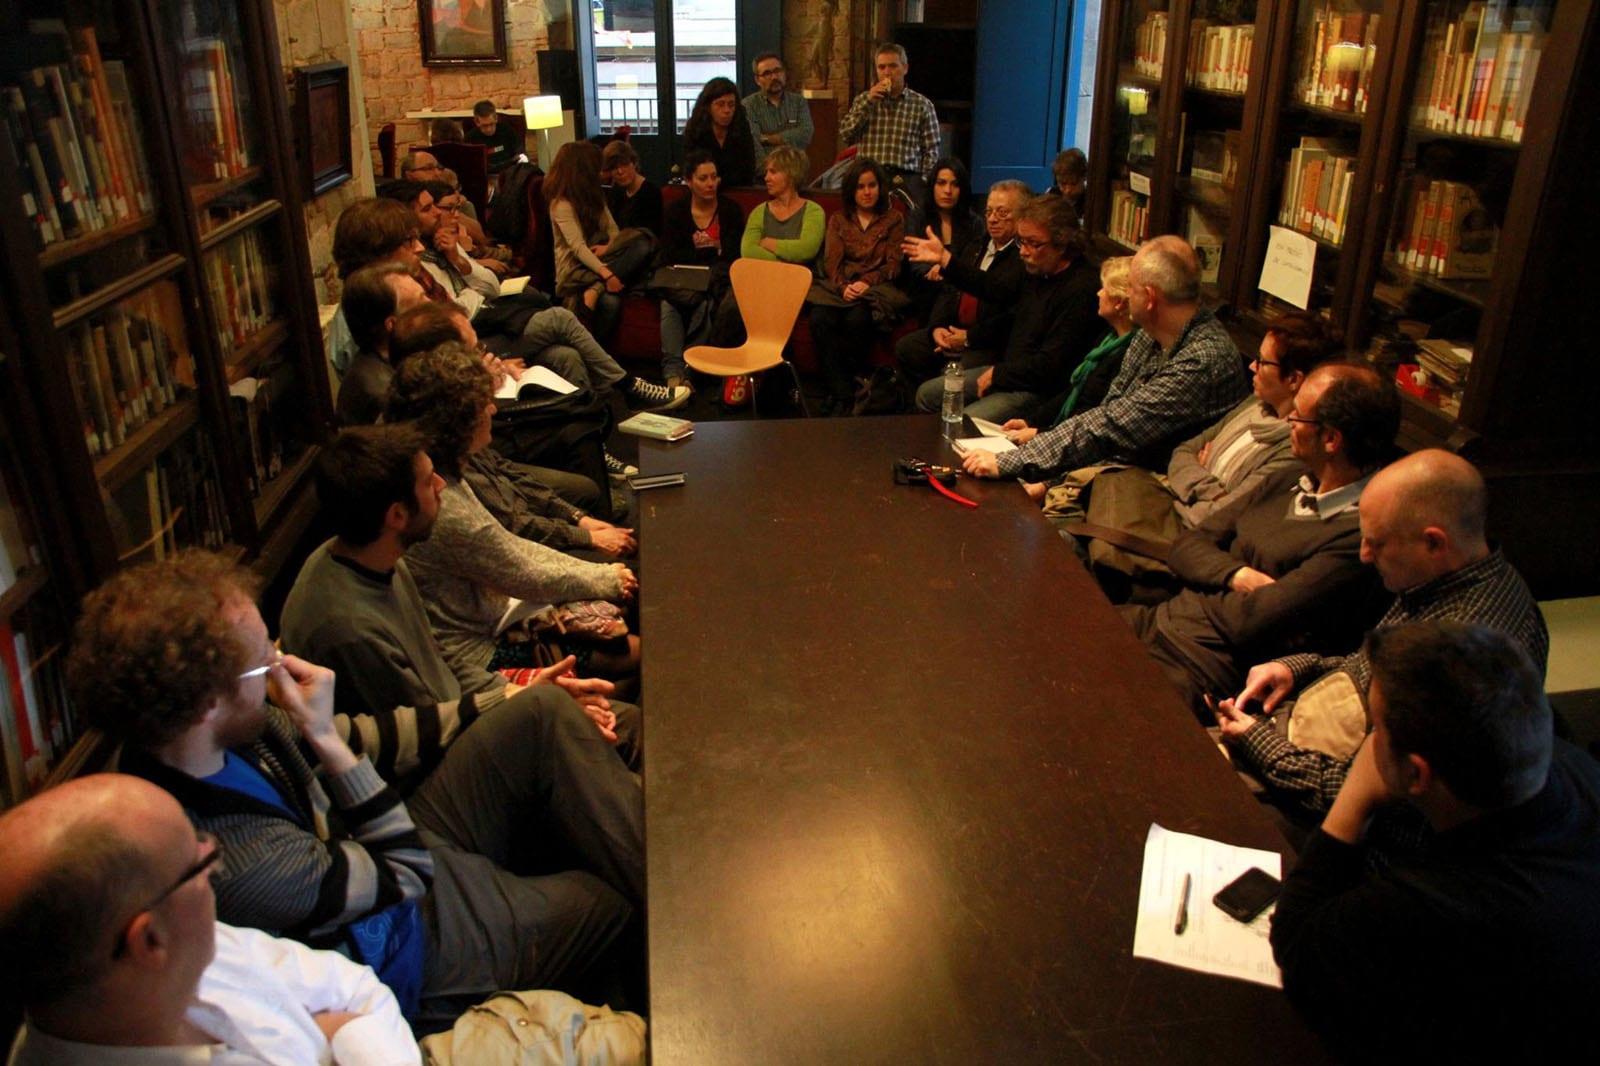 Fototertúlia Barcelona i la daguerrotipia: avatars, problemes i anècdotes d'una recerca al Cercle Artístic de Sant Lluc. 13/04/2015